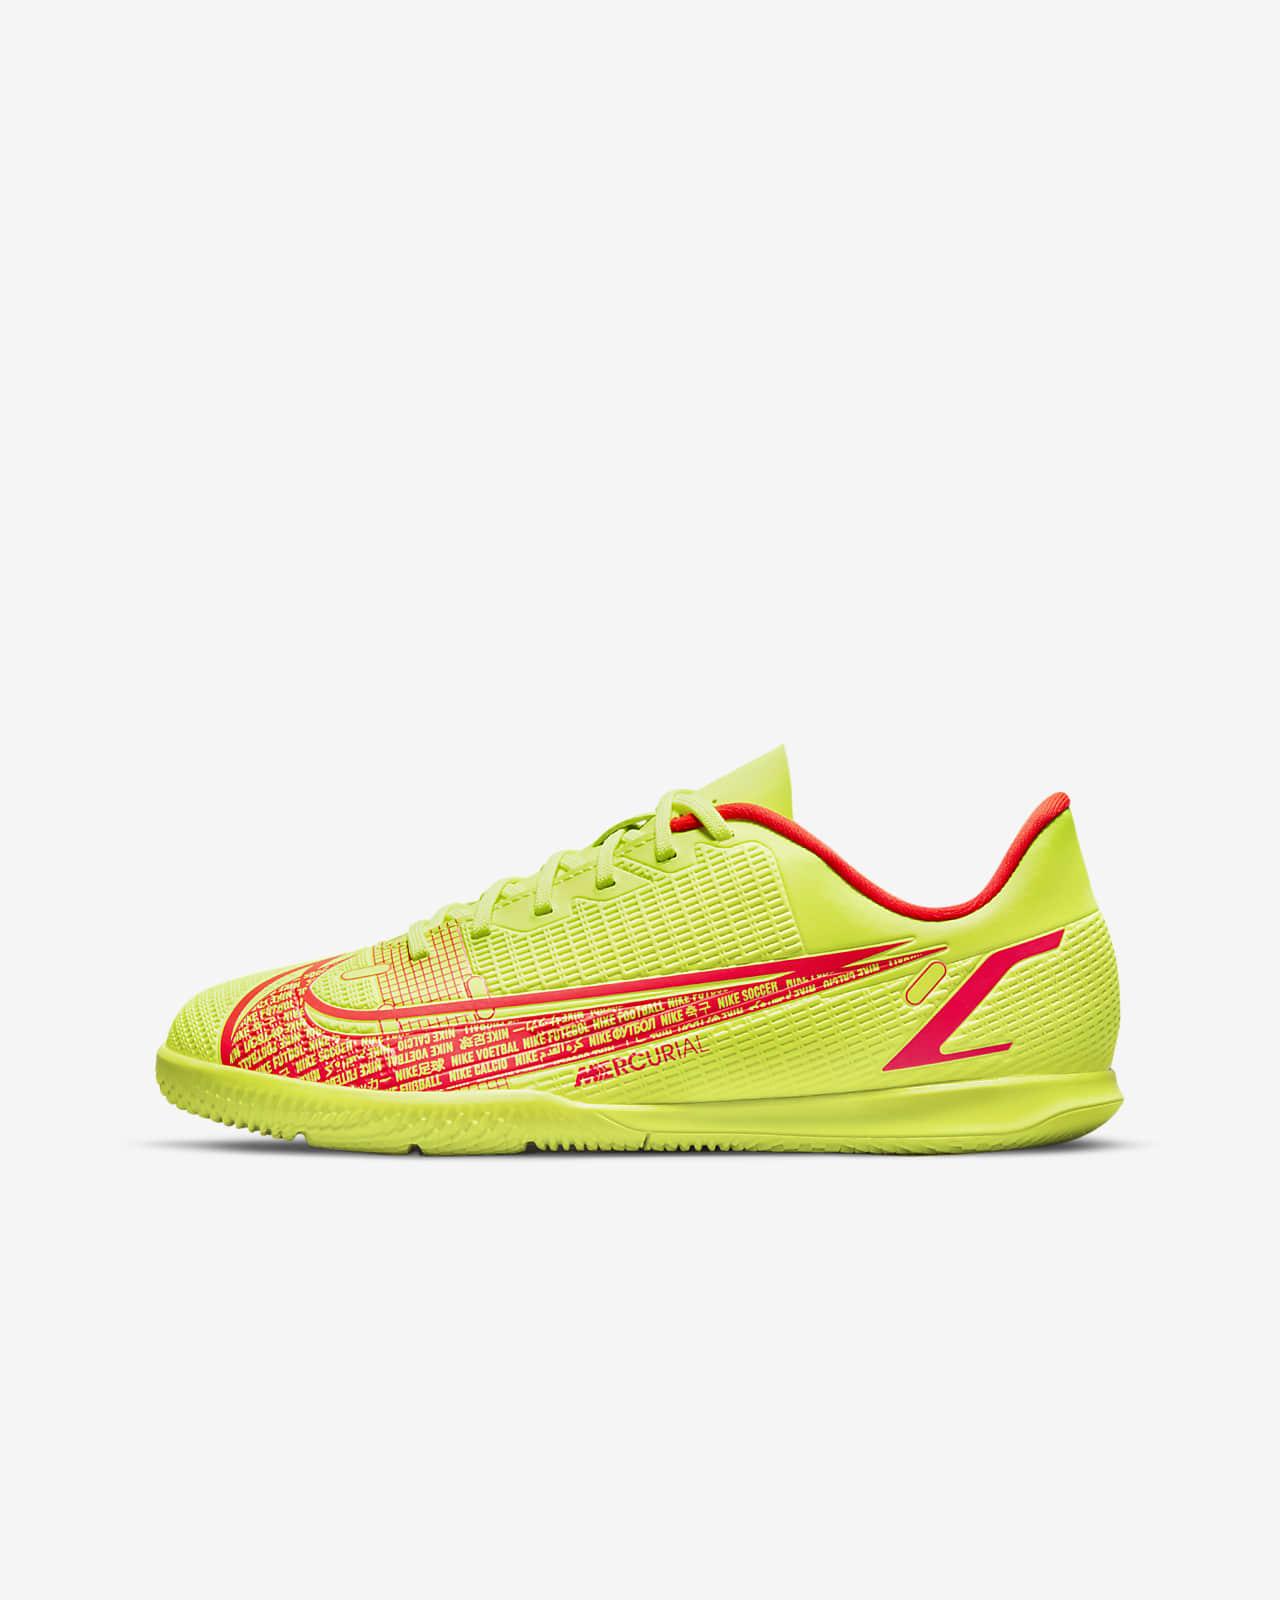 Nike Mercurial Vapor 14 Club IC fotballsko til innendørsbane/gate til små/store barn